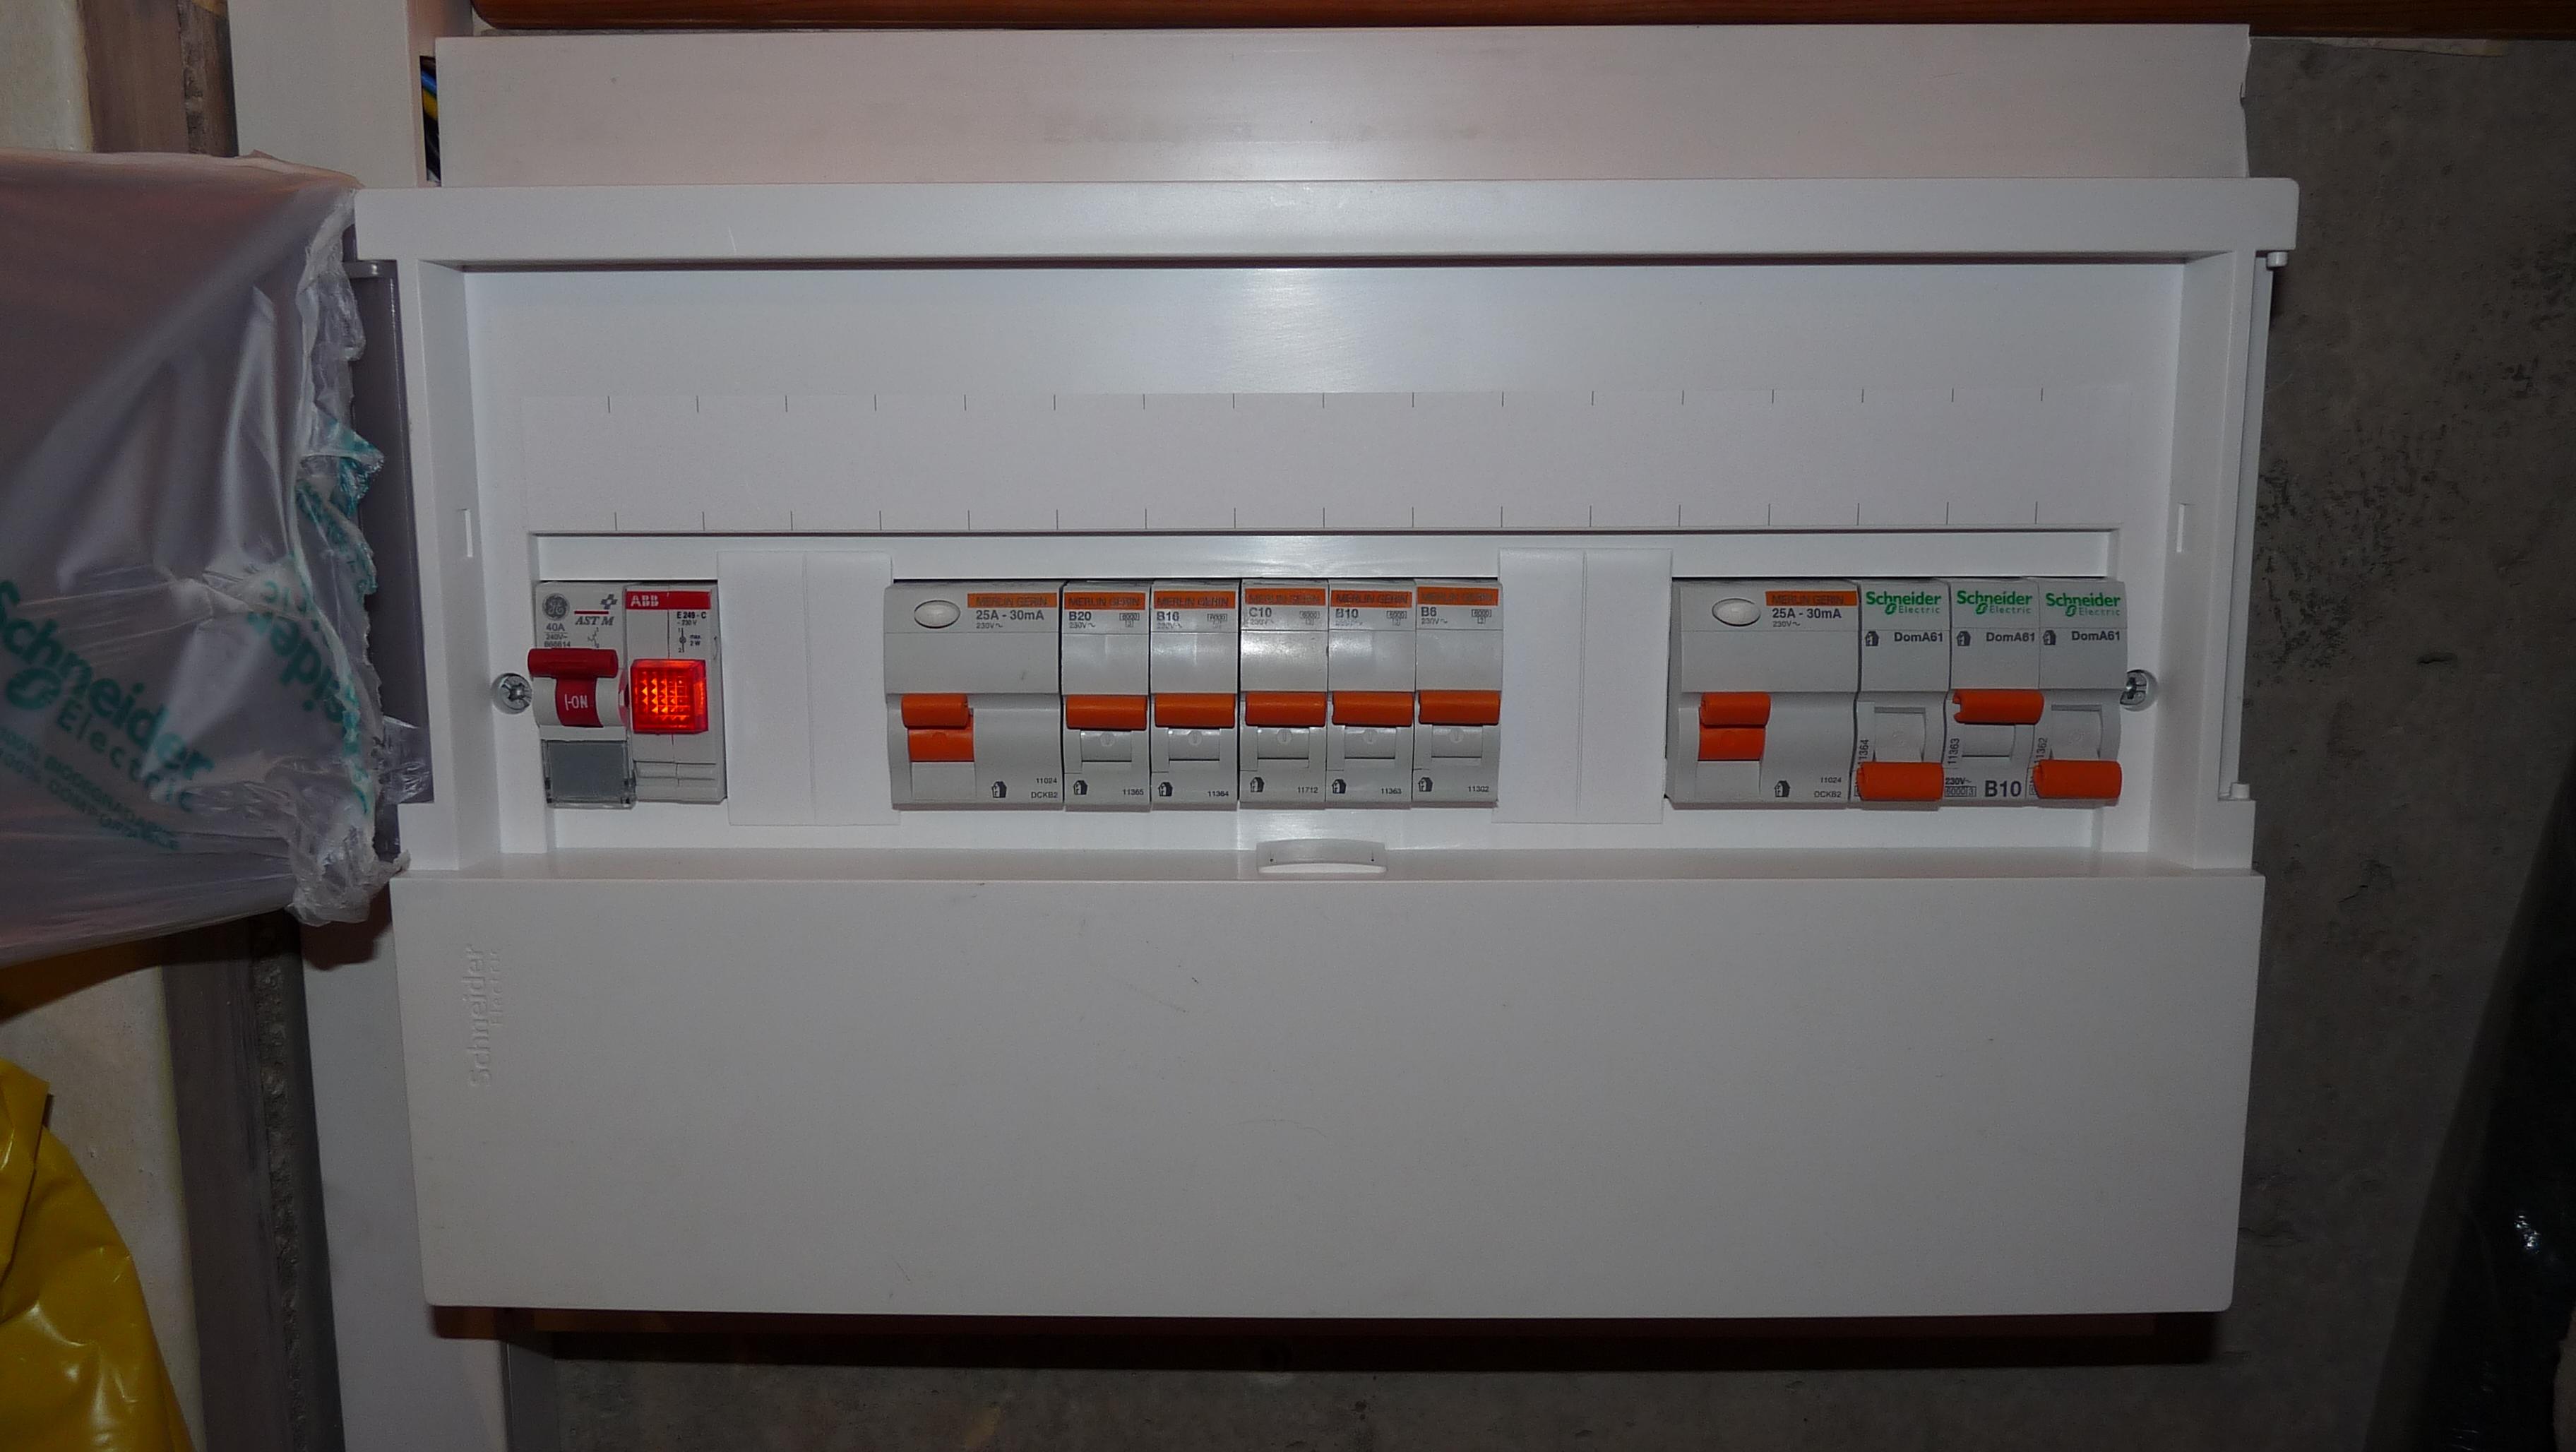 Toyota Emina Fuse Box Wiring Diagram Libraries Noah Manual Lucida English Libraryfile Linnam U00e4e 37 File